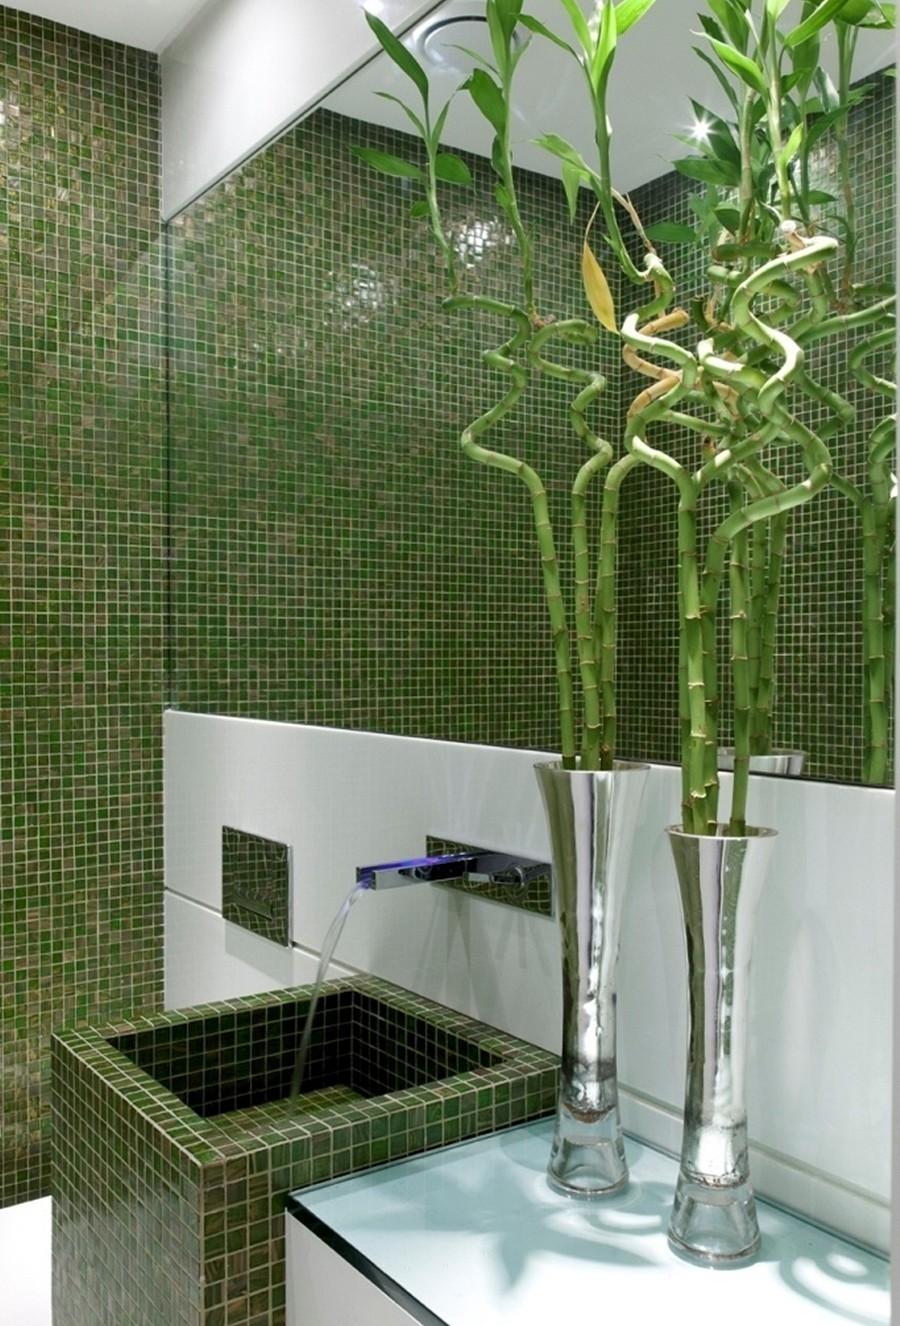 Ideias De Decoração De Banheiros Com Pastilhas : Construindo minha casa clean banheiros decorados com